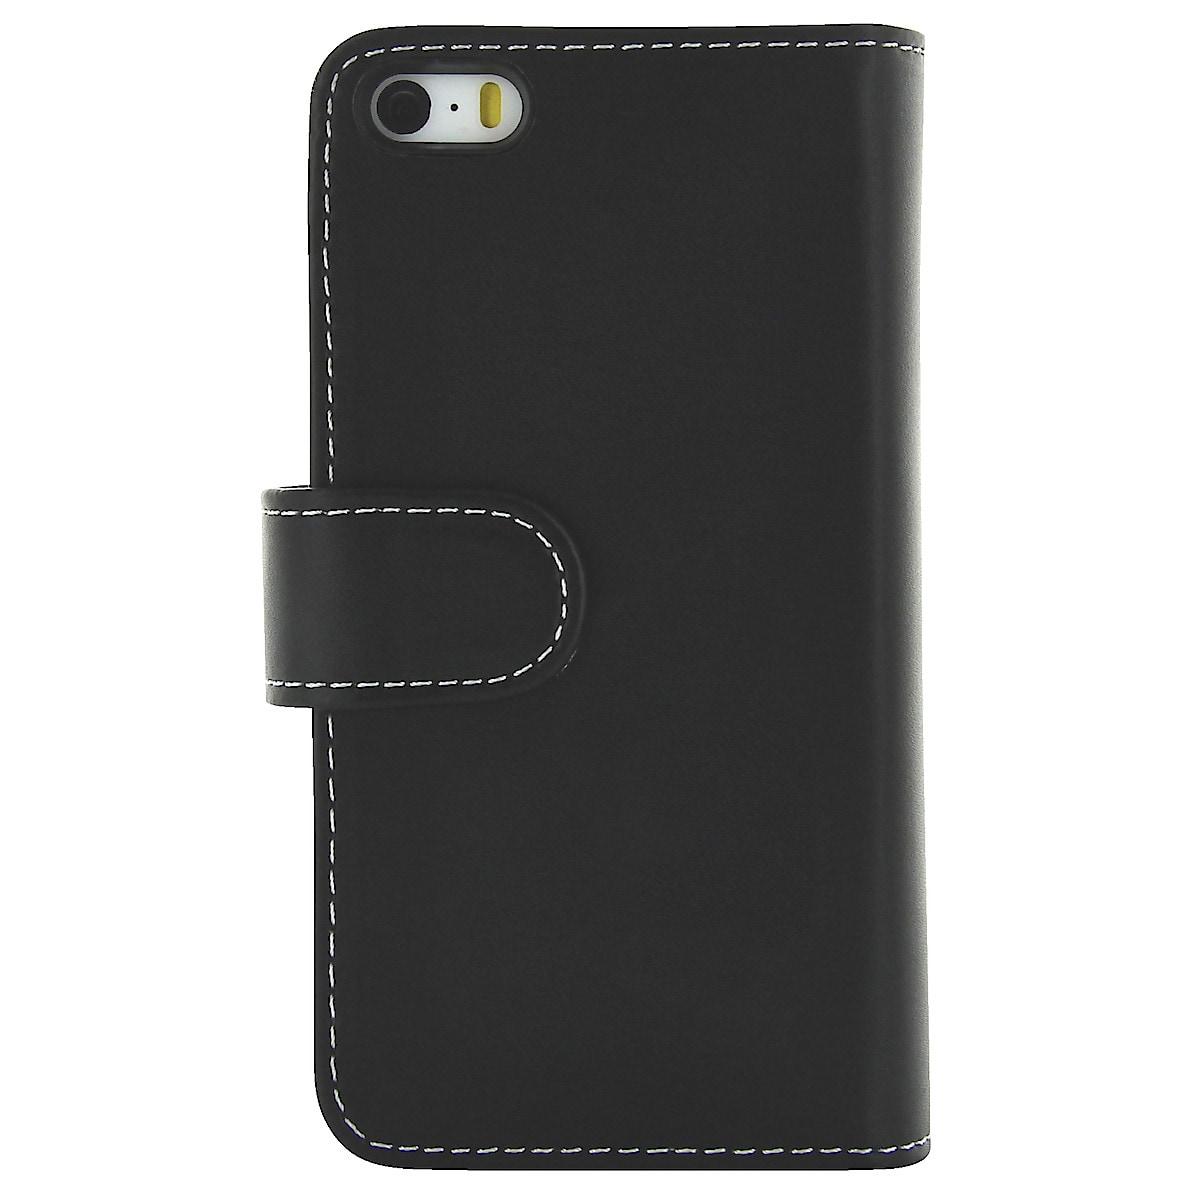 Plånboksfodral för iPhone 5/5S/SE, Holdit